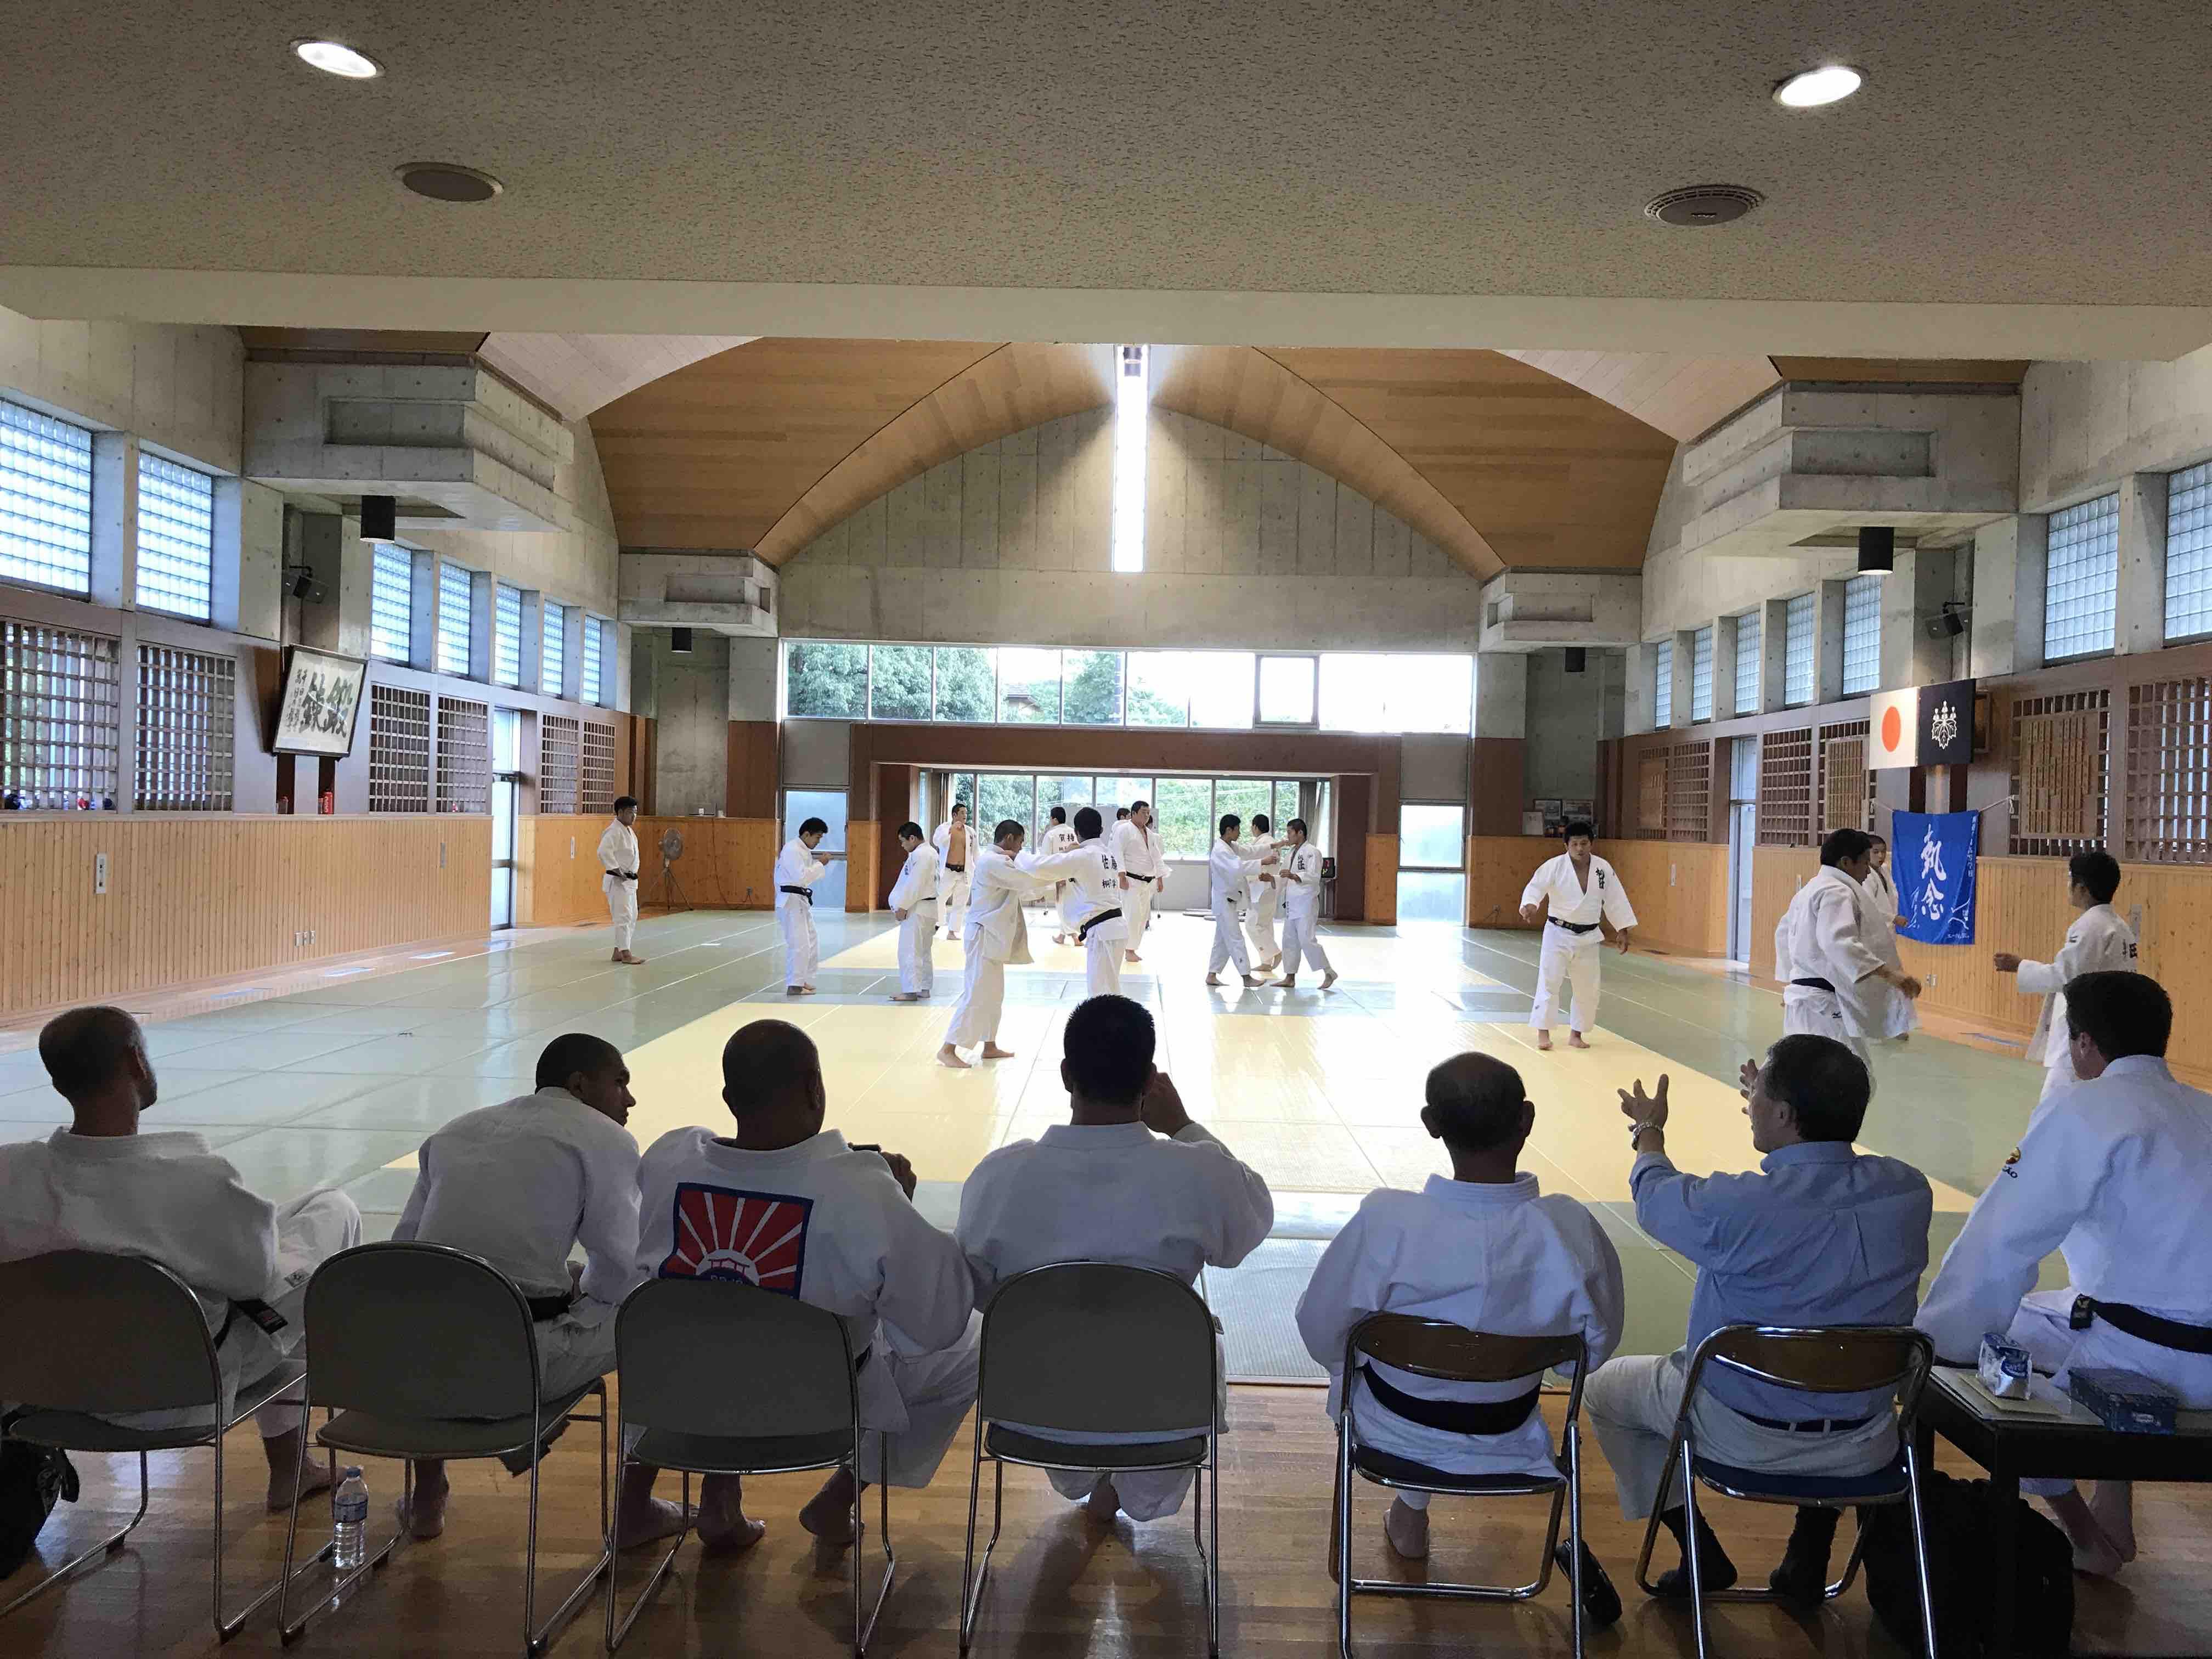 ディスカバリーキャンプ トゥモローズフレンズプログラム〜柔道の学校体育導入支援〜4